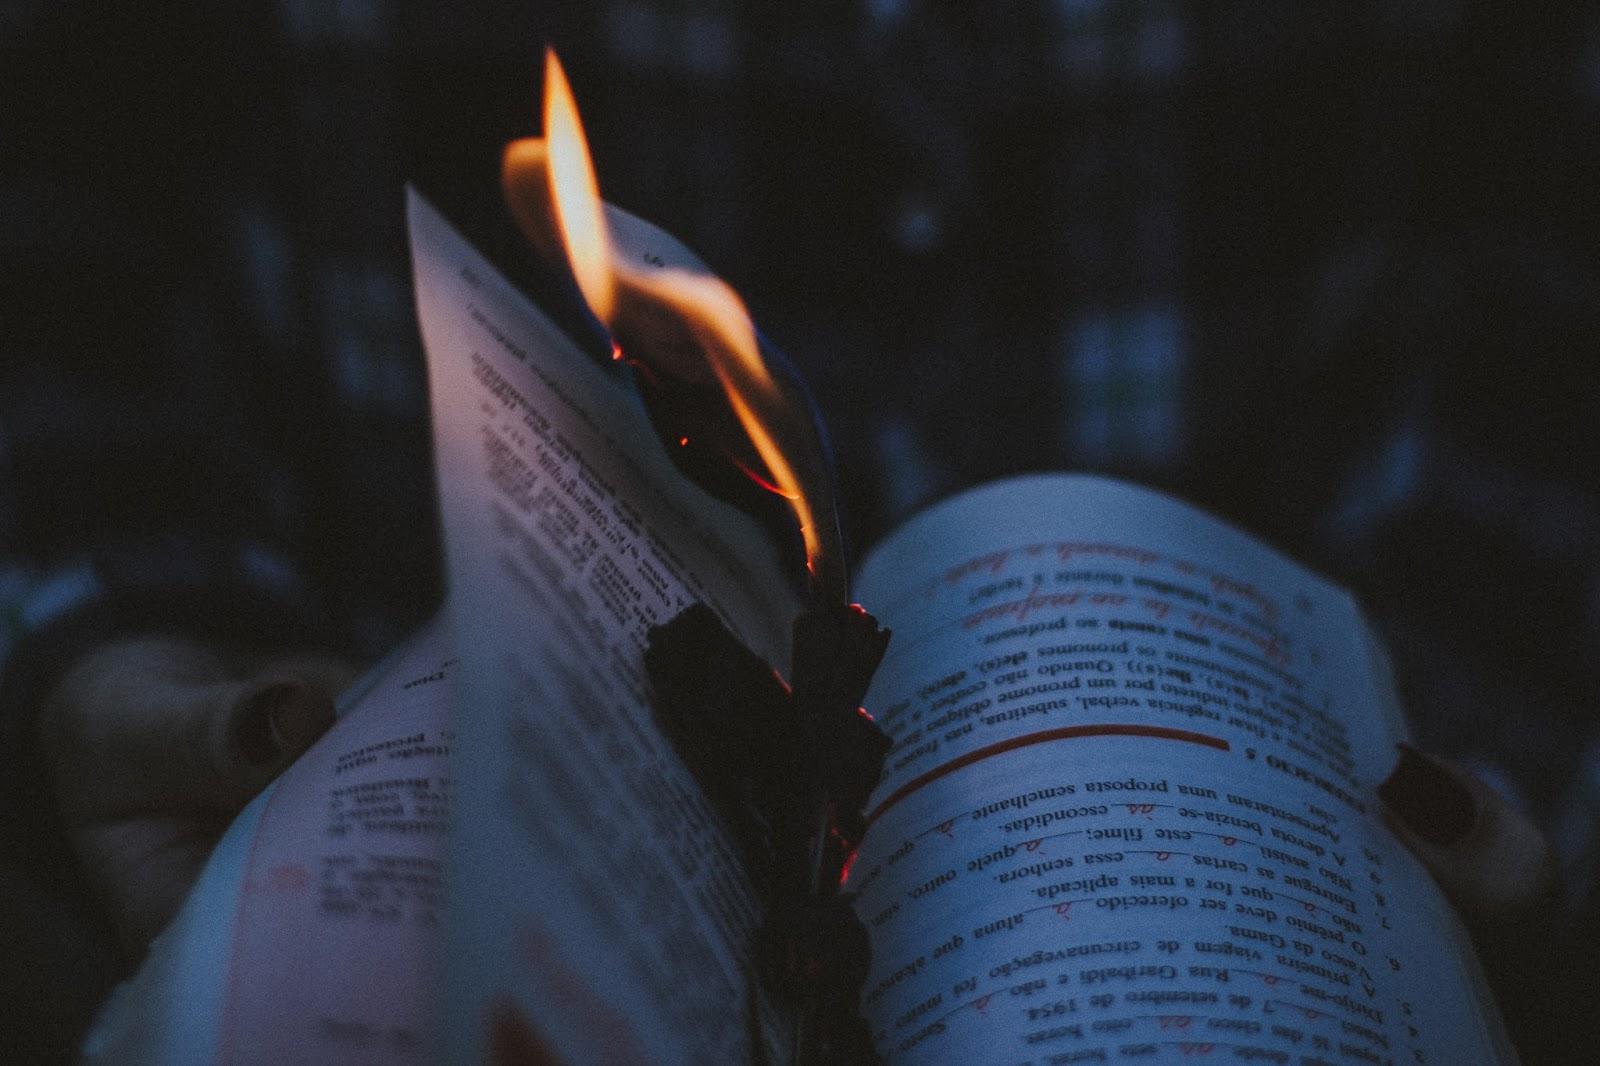 Um dos meus passatempos favoritos é ler livros. Desde pequena sempre amei livros e já perdi a conta de quantos li. Além de cada livro nos transportar para um mundo diferente e nos possibilitar viver vidas diferentes, ele é um ótimo objeto pra se fotografar. inspiração-fotografia-com-livros-blog-mad-souls